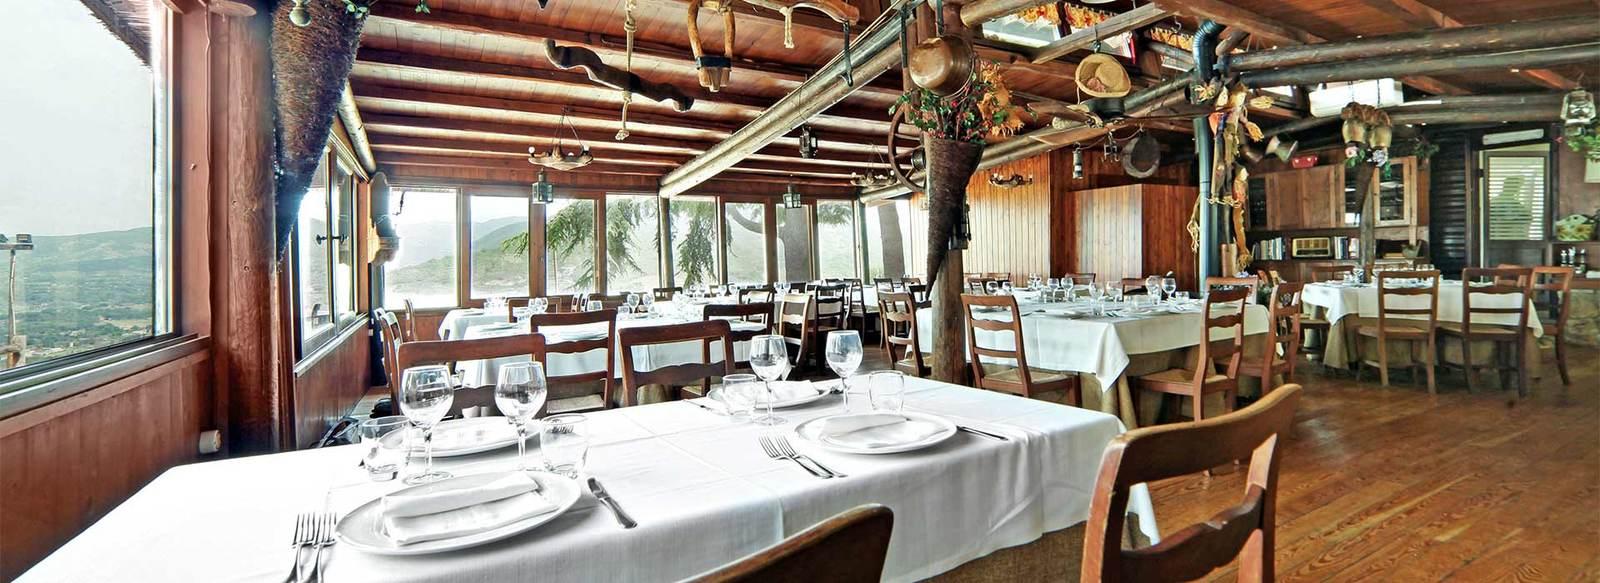 Silenzio, relax e natura - ristorante